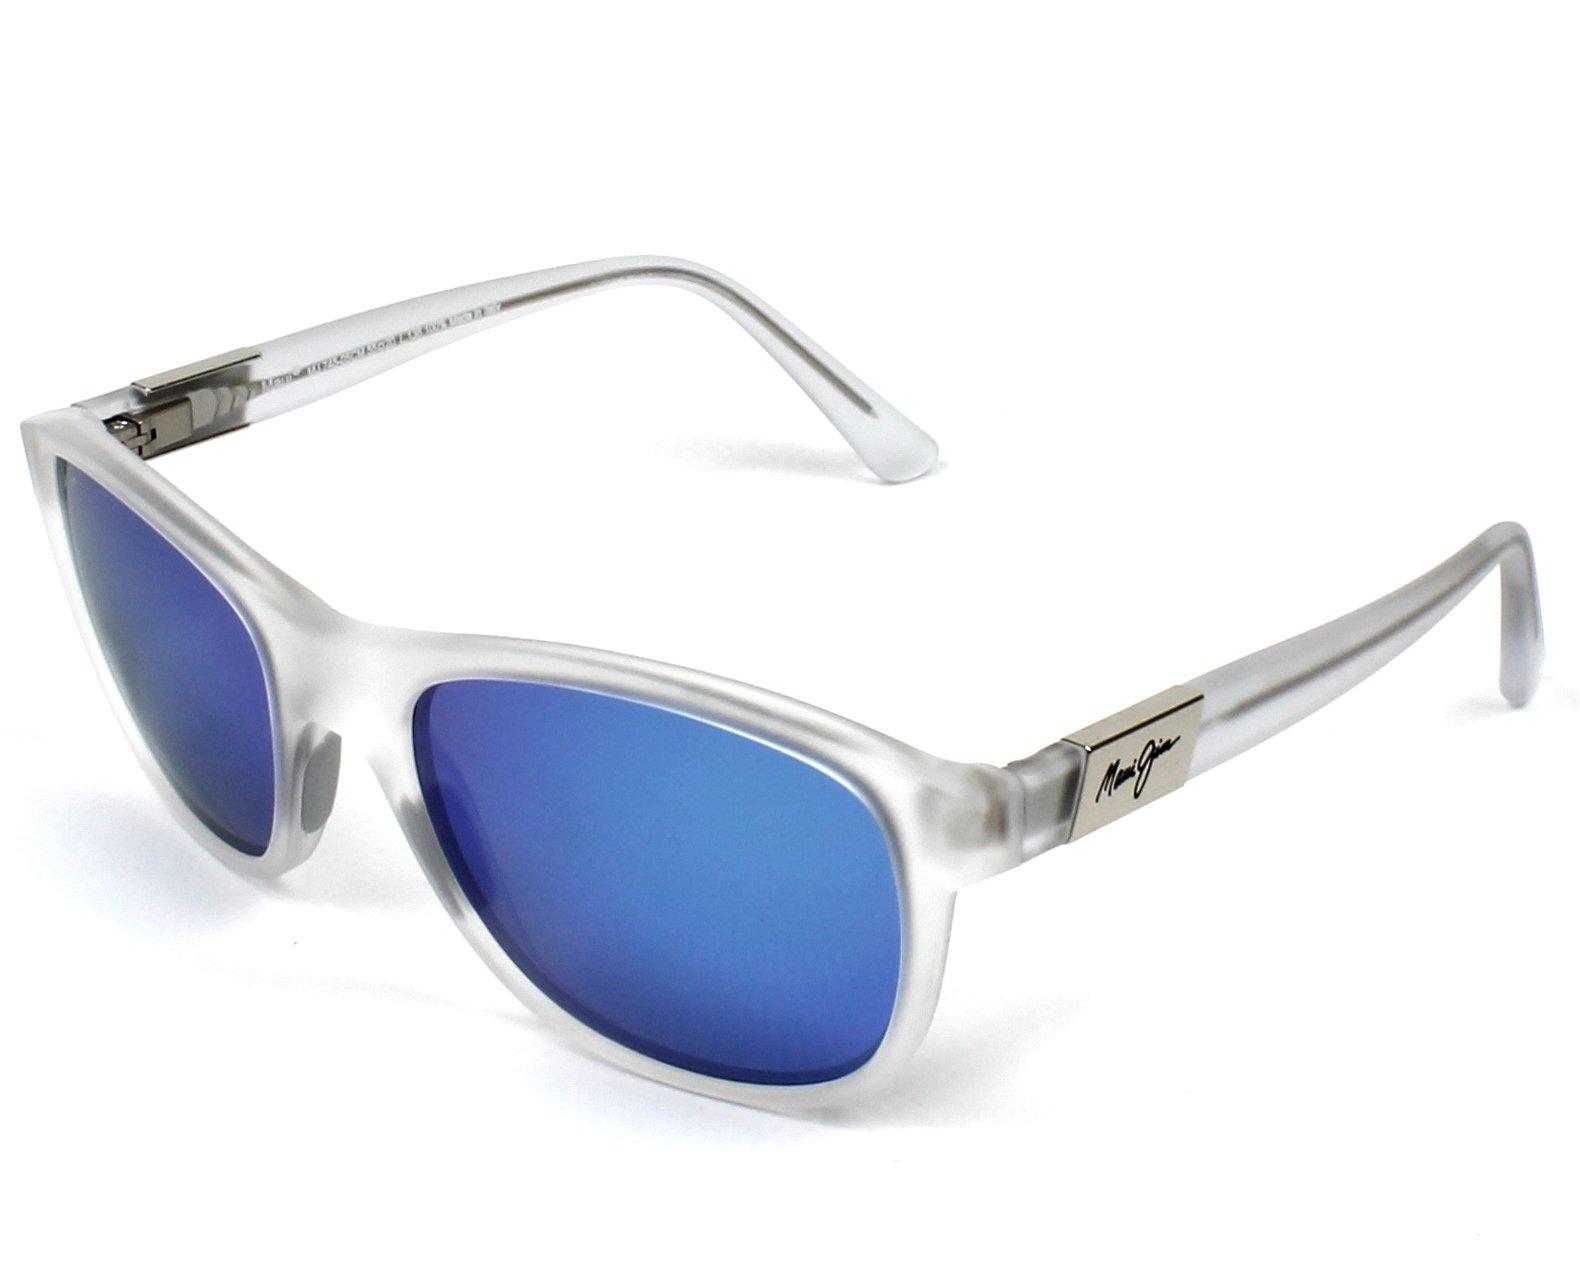 05cm 745 Gafas Jim De Maui Sol Wakea B W2HDE9I